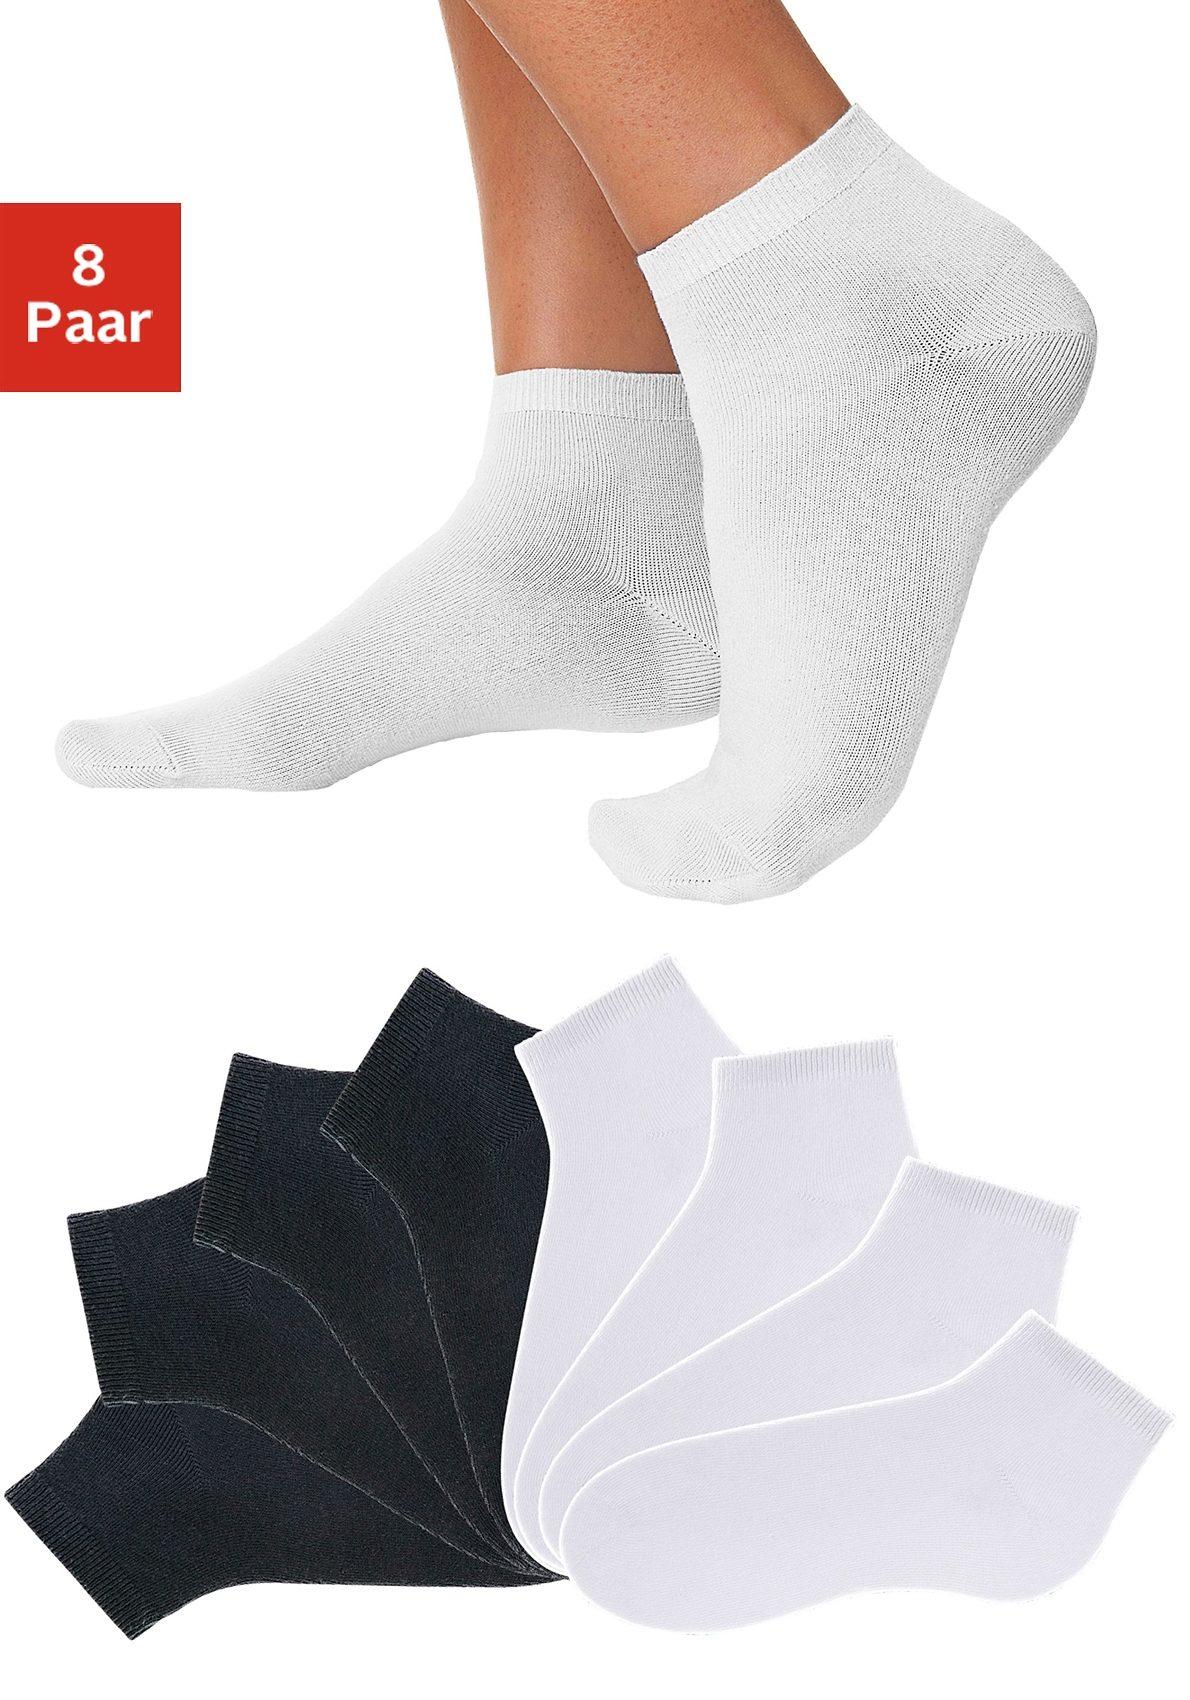 GO IN Kurzsocken (8 Paar) in verschiedenen Unifarben